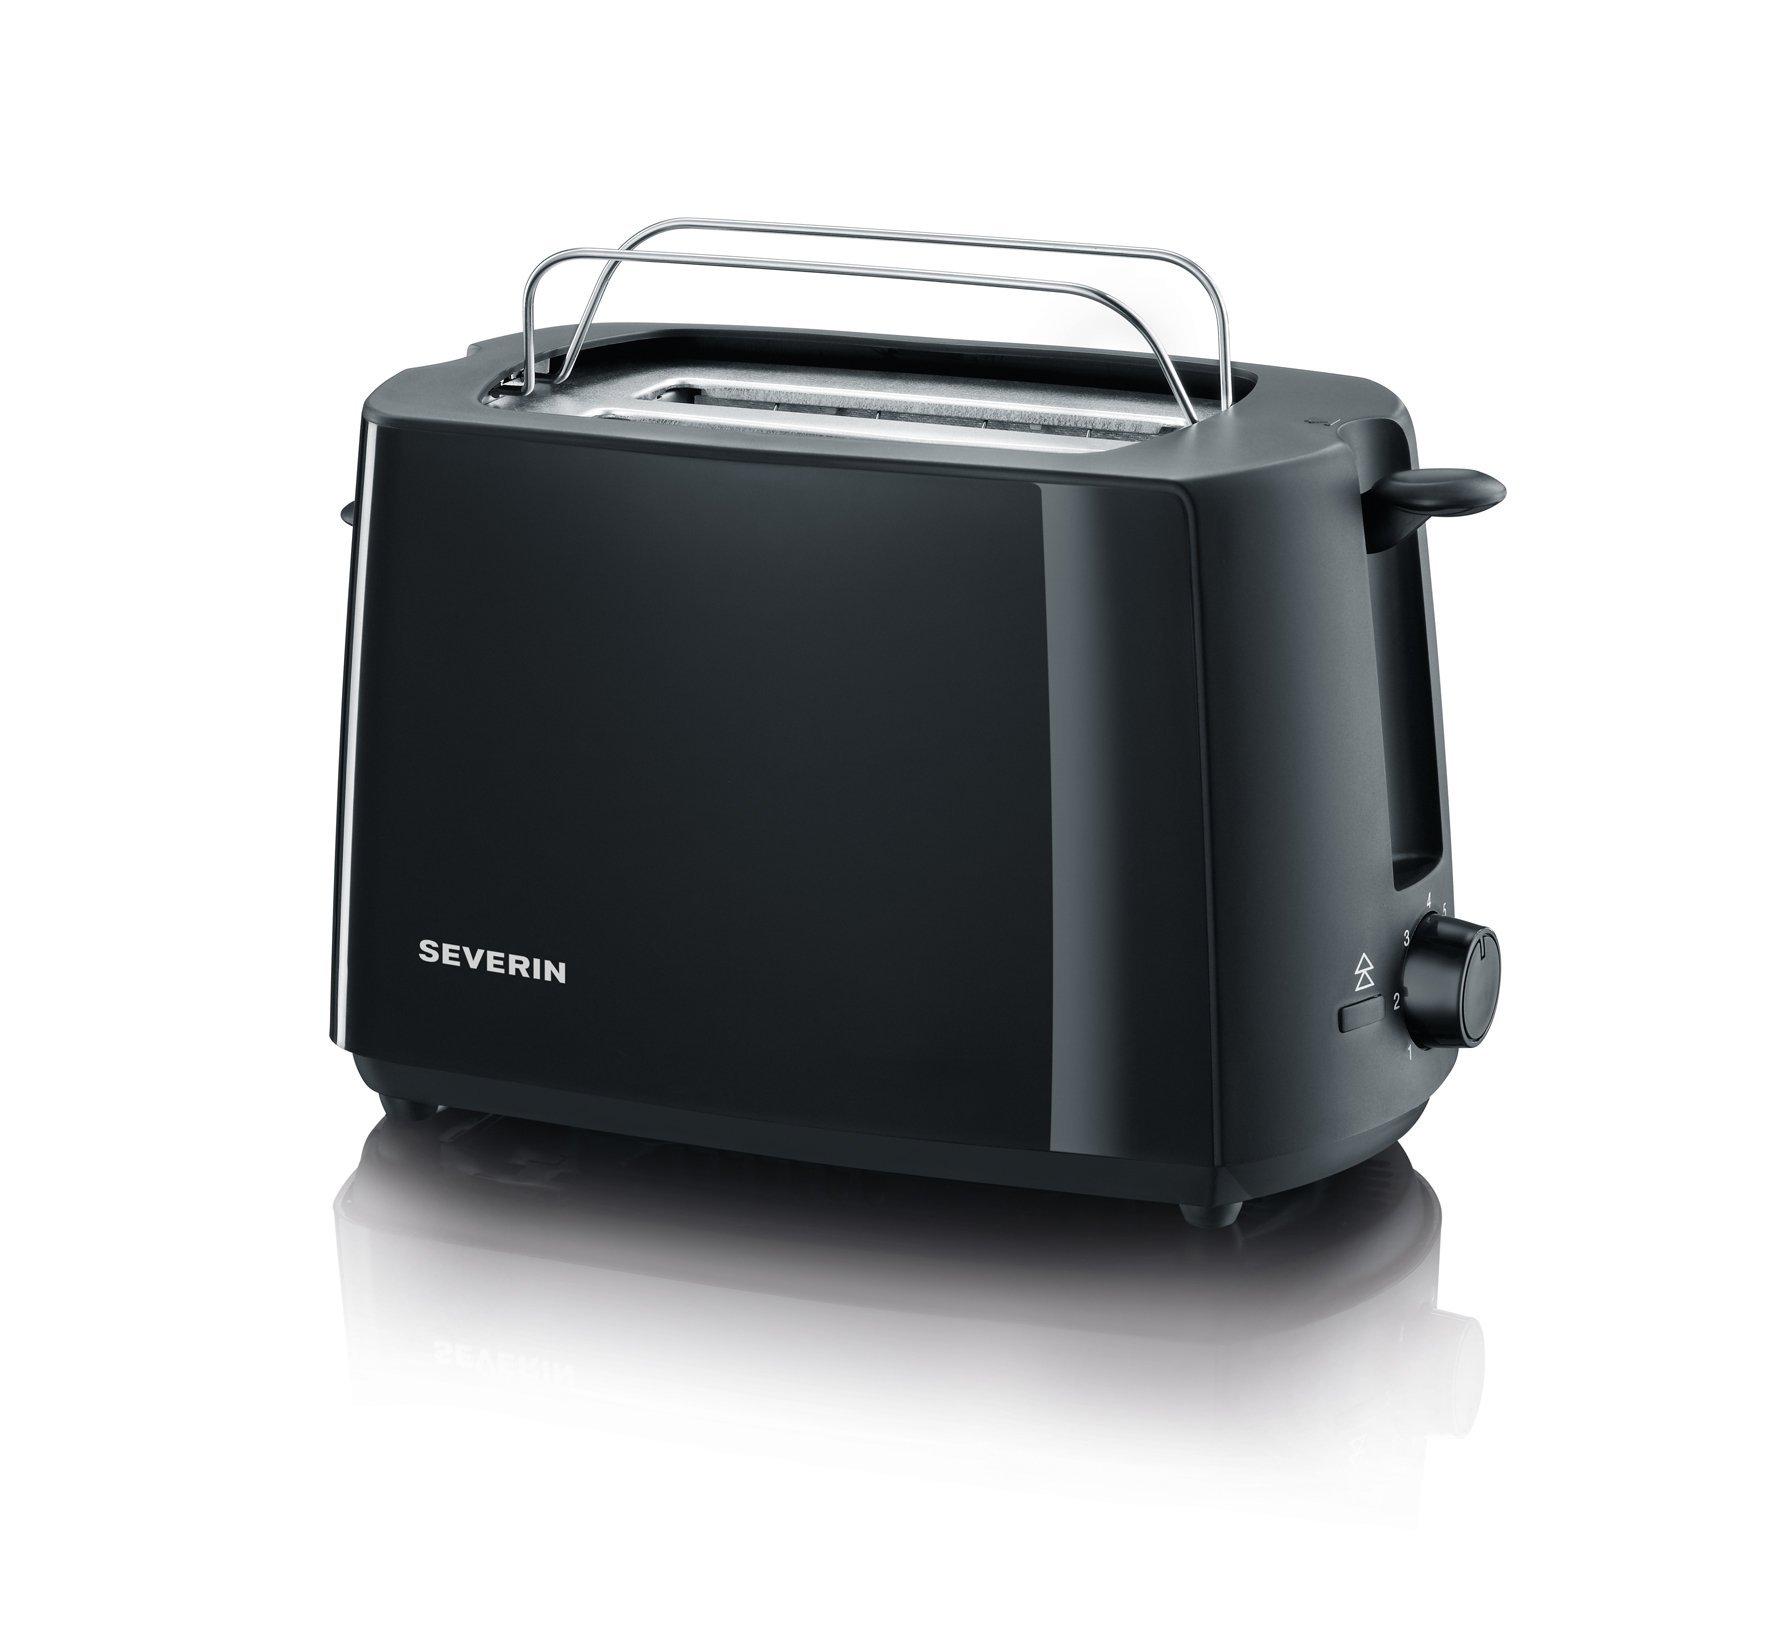 Automatik-Toaster-ca-700-W-integrierter-Brtchen-Rstaufsatz-einstellbarer-Brunungsgrad